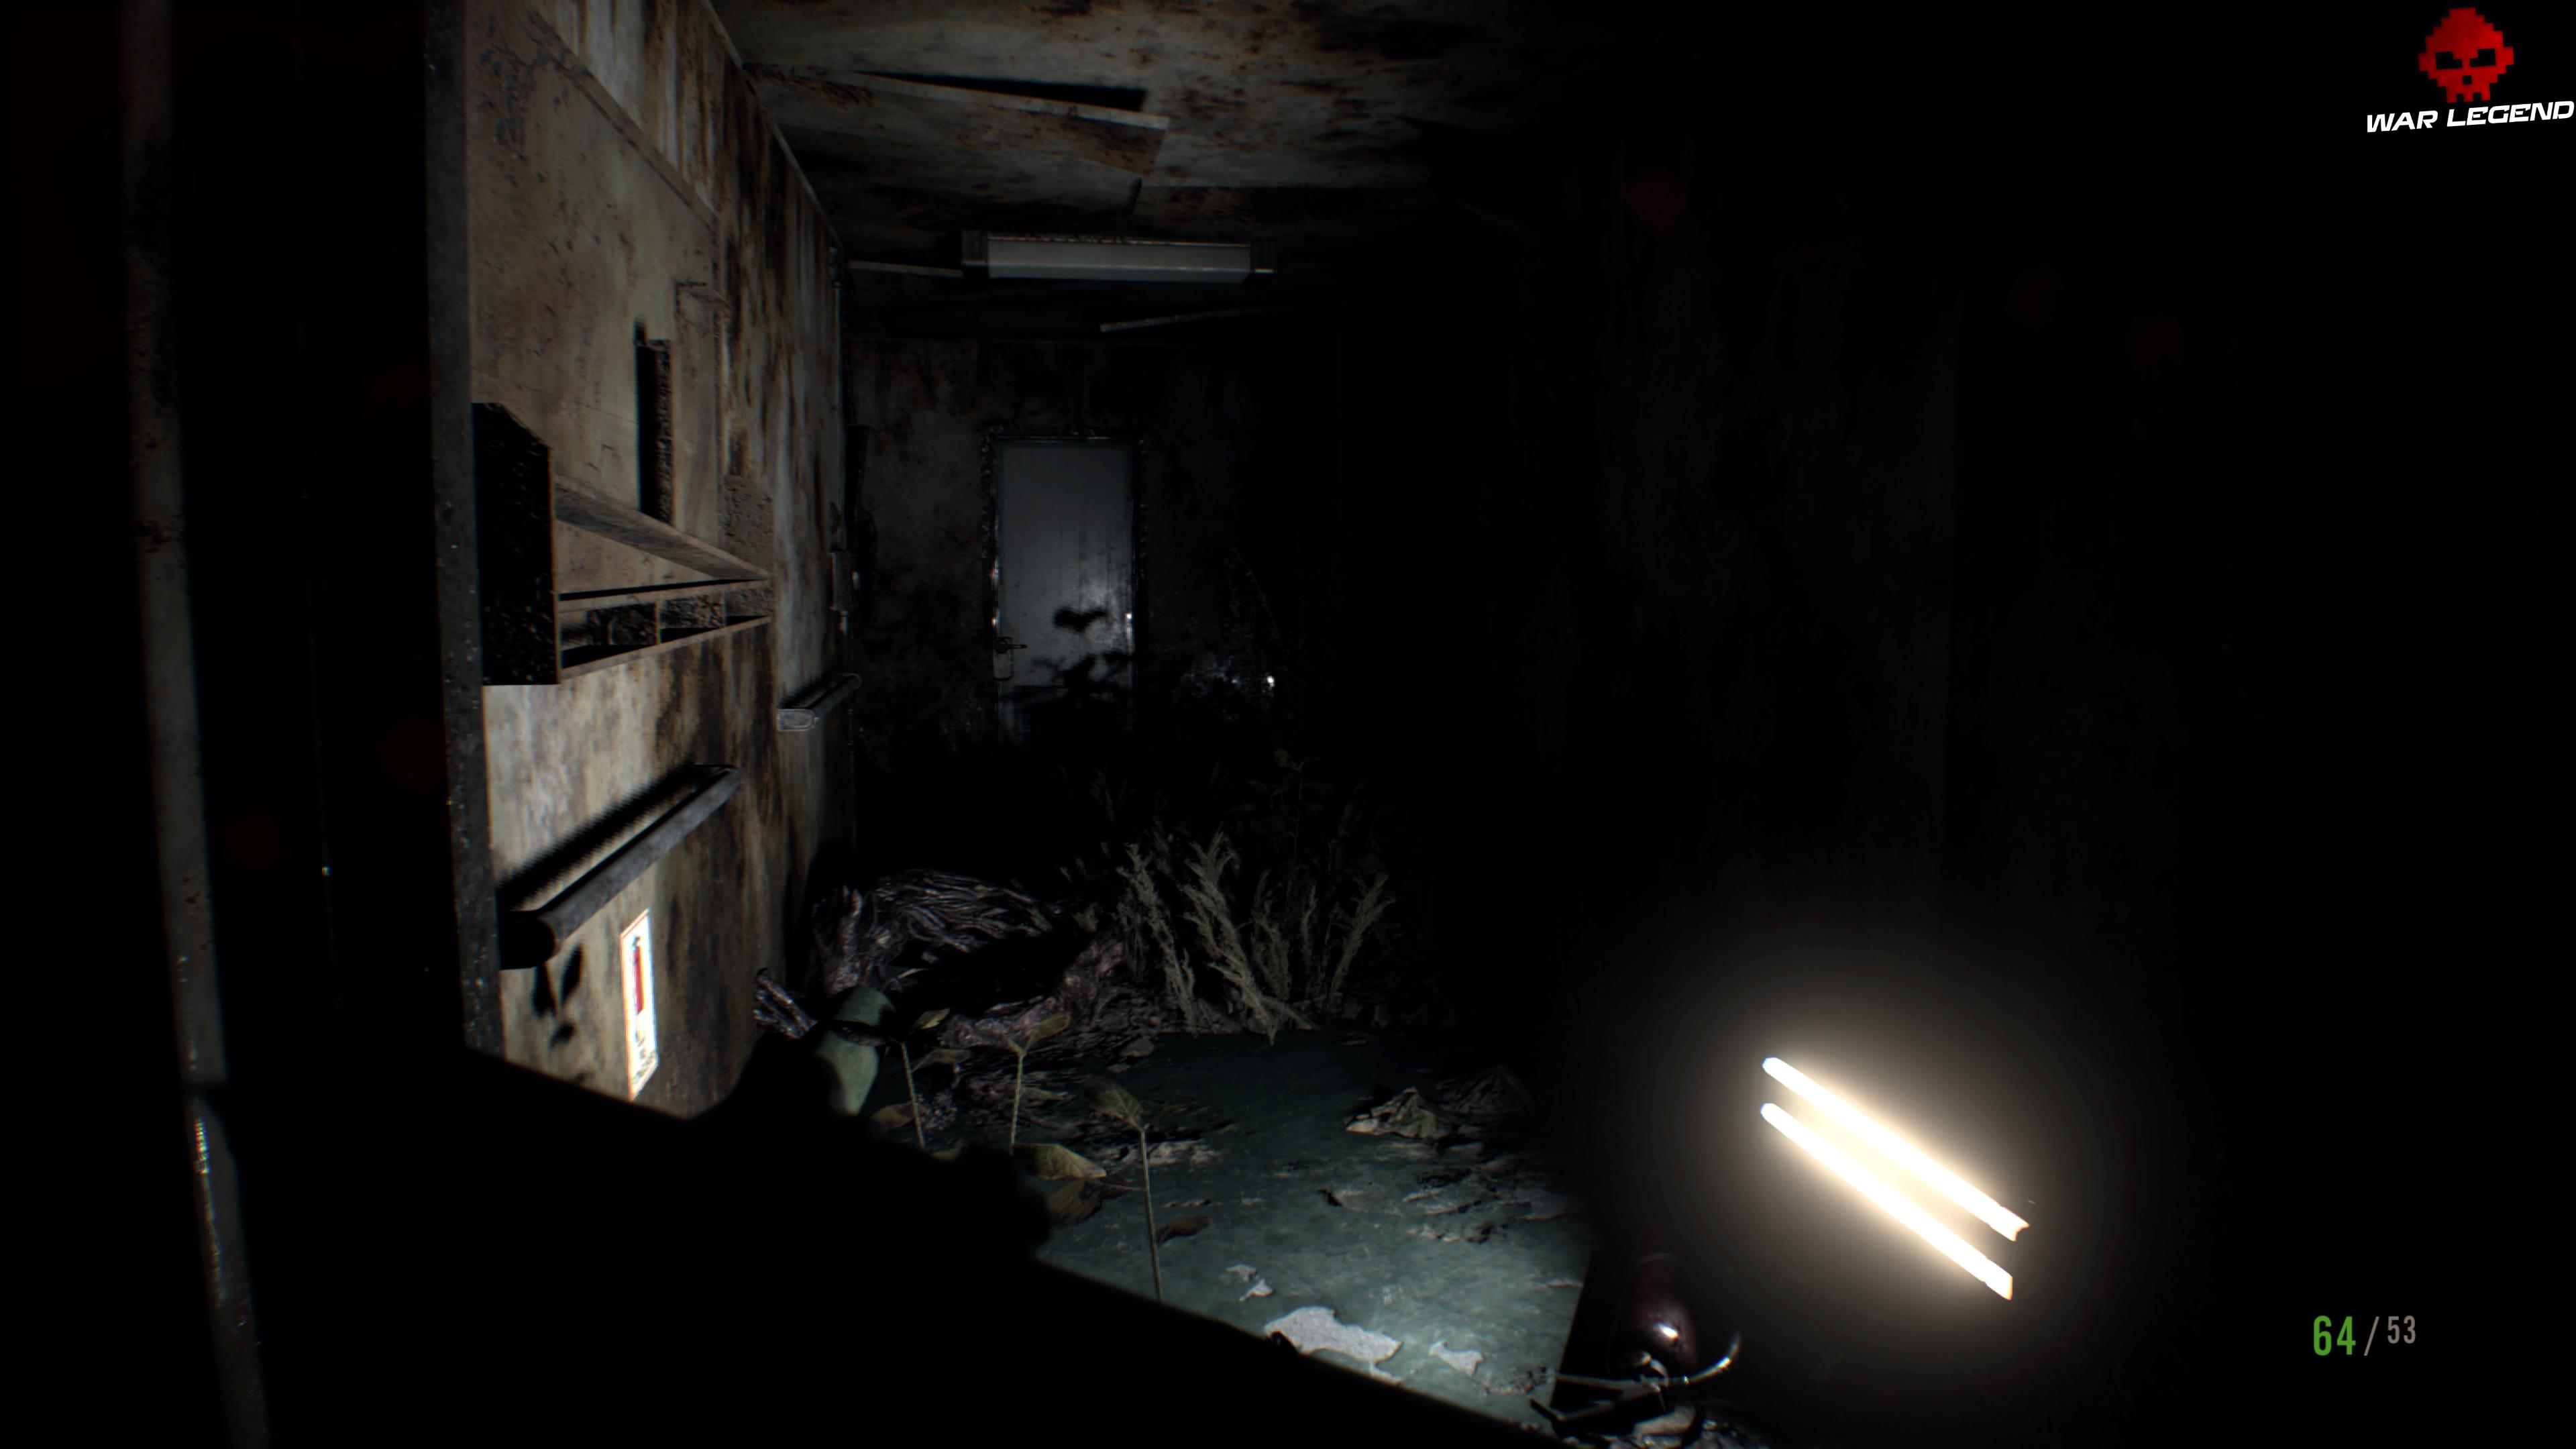 Solution Resident Evil 7 Biohazard Chapitre 7 couloir dans le noir, une lampe allumée